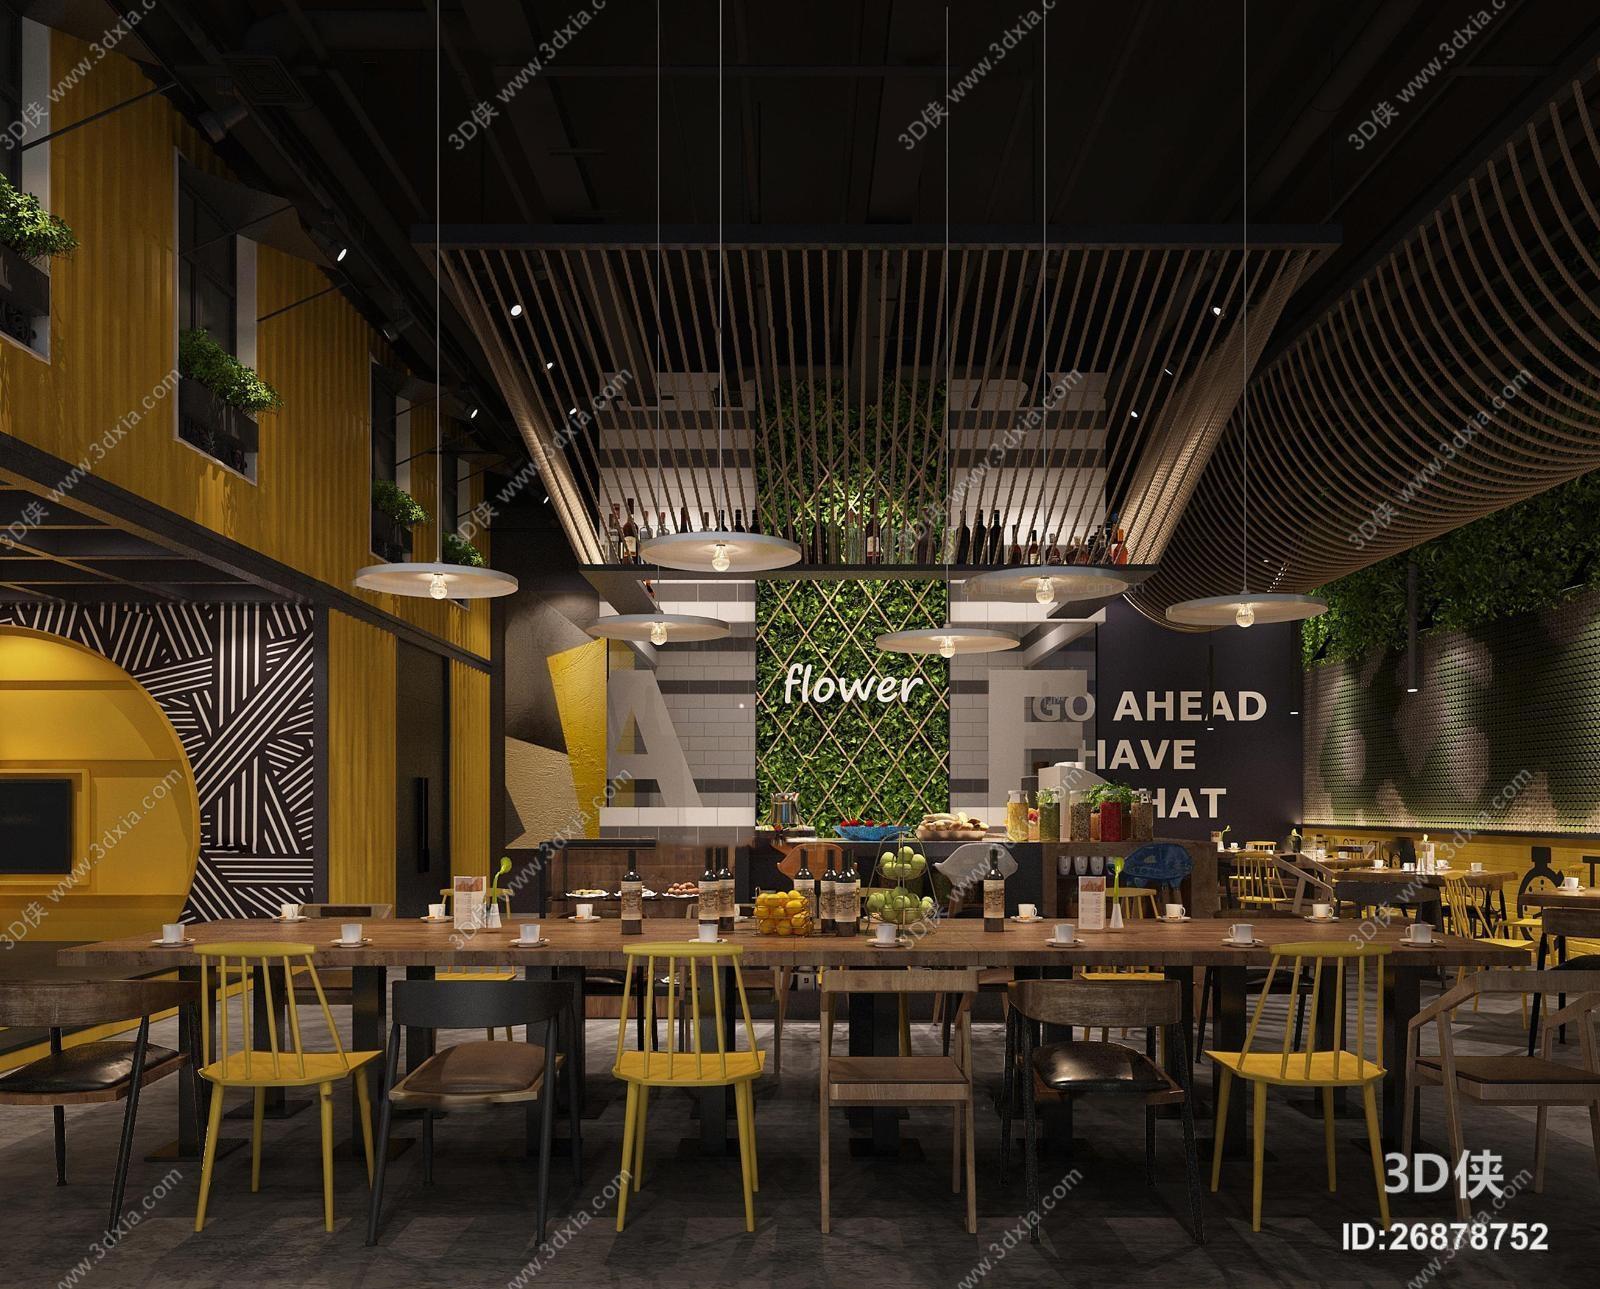 效果图素材免费下载,本作品主题是现代工业风集装箱咖啡厅餐厅3d模型